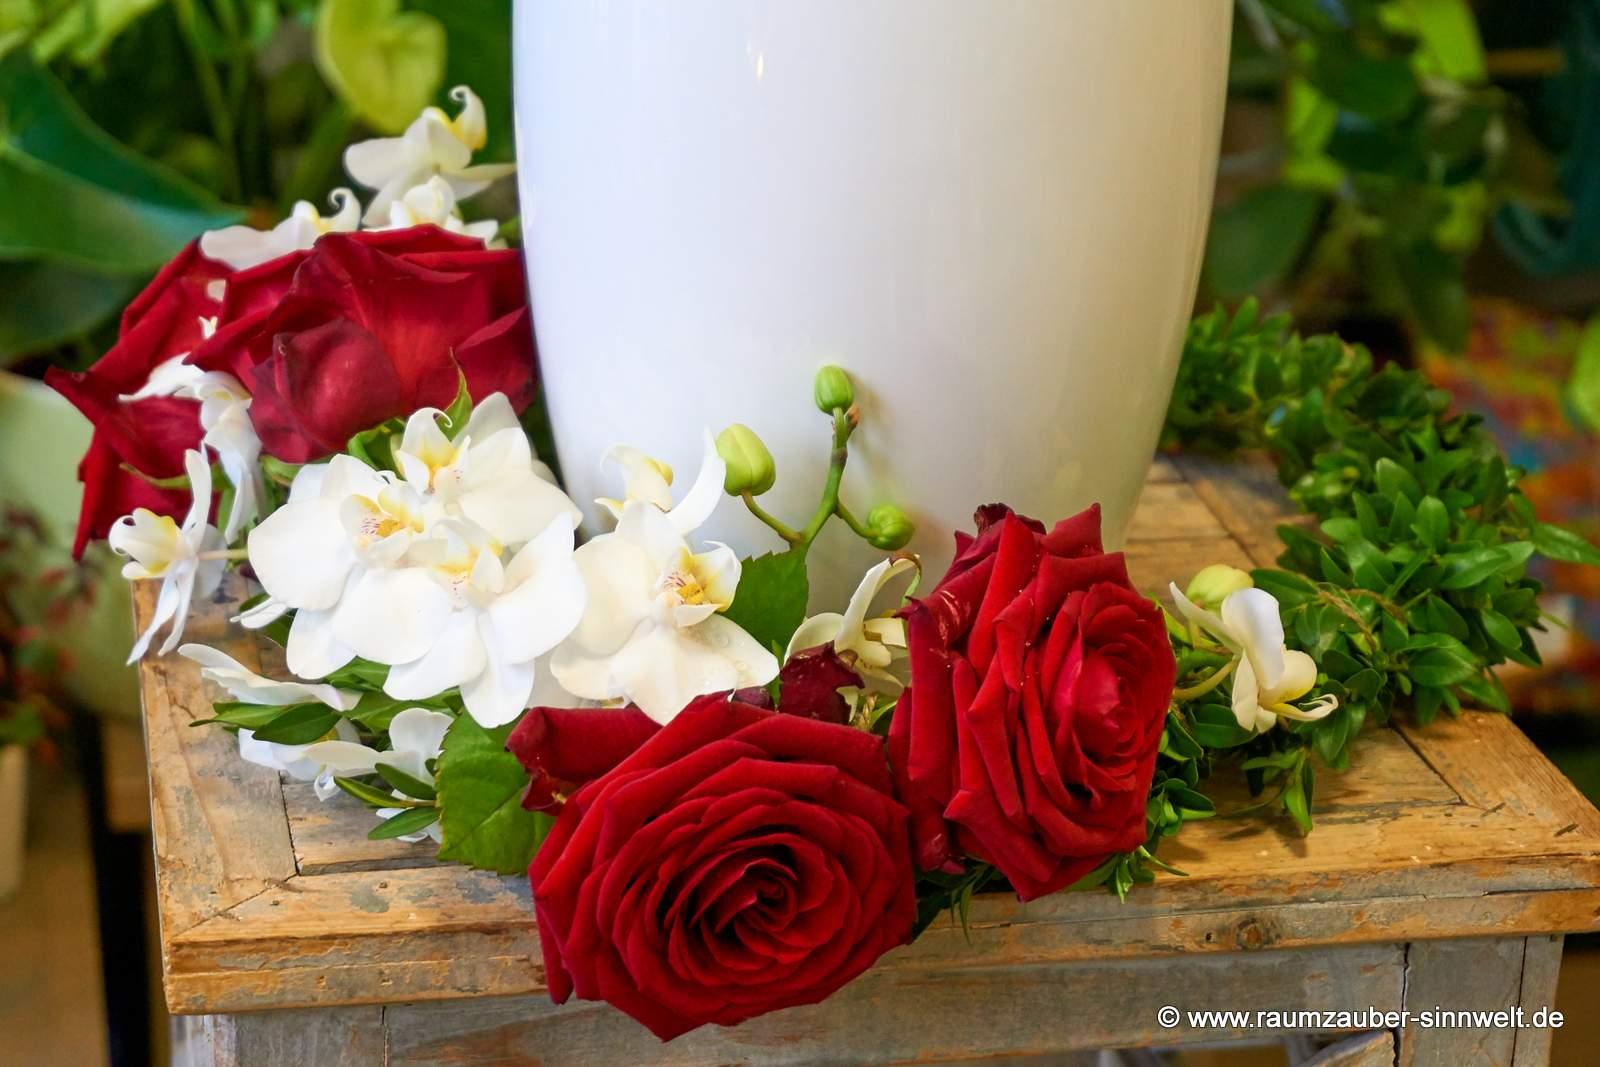 Trauerkranz für den Friedwald aus roten Rosen und weißen Orchideen, nur mit Faden gebunden